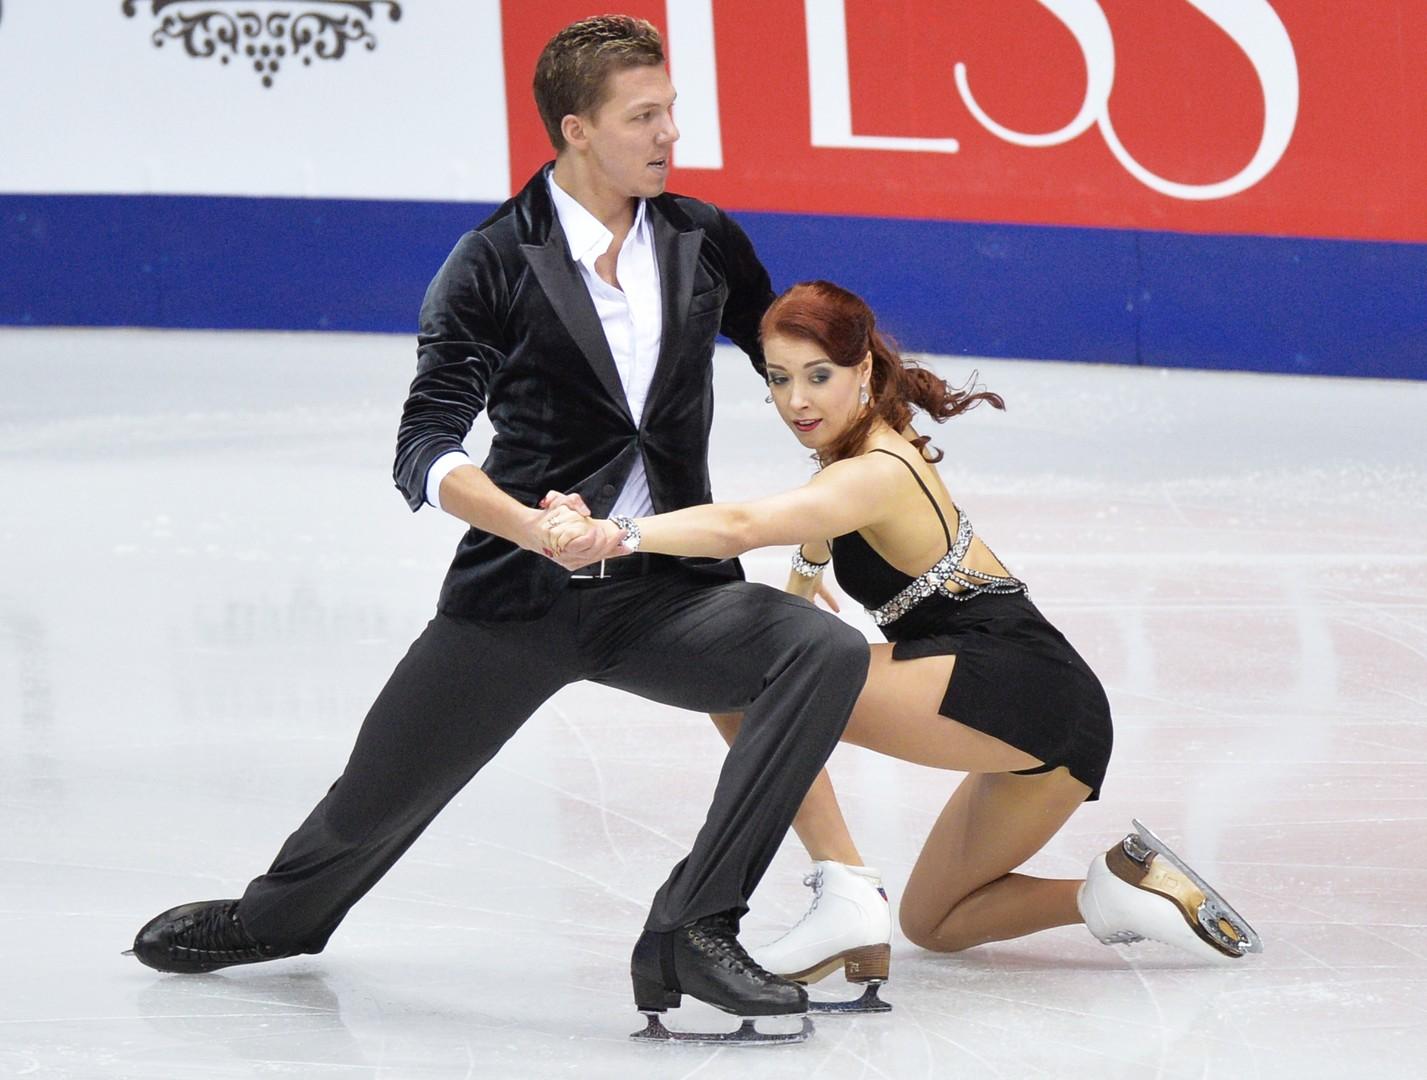 Метеоритное катание: Боброва и Соловьёв побили мировой рекорд в коротком танце